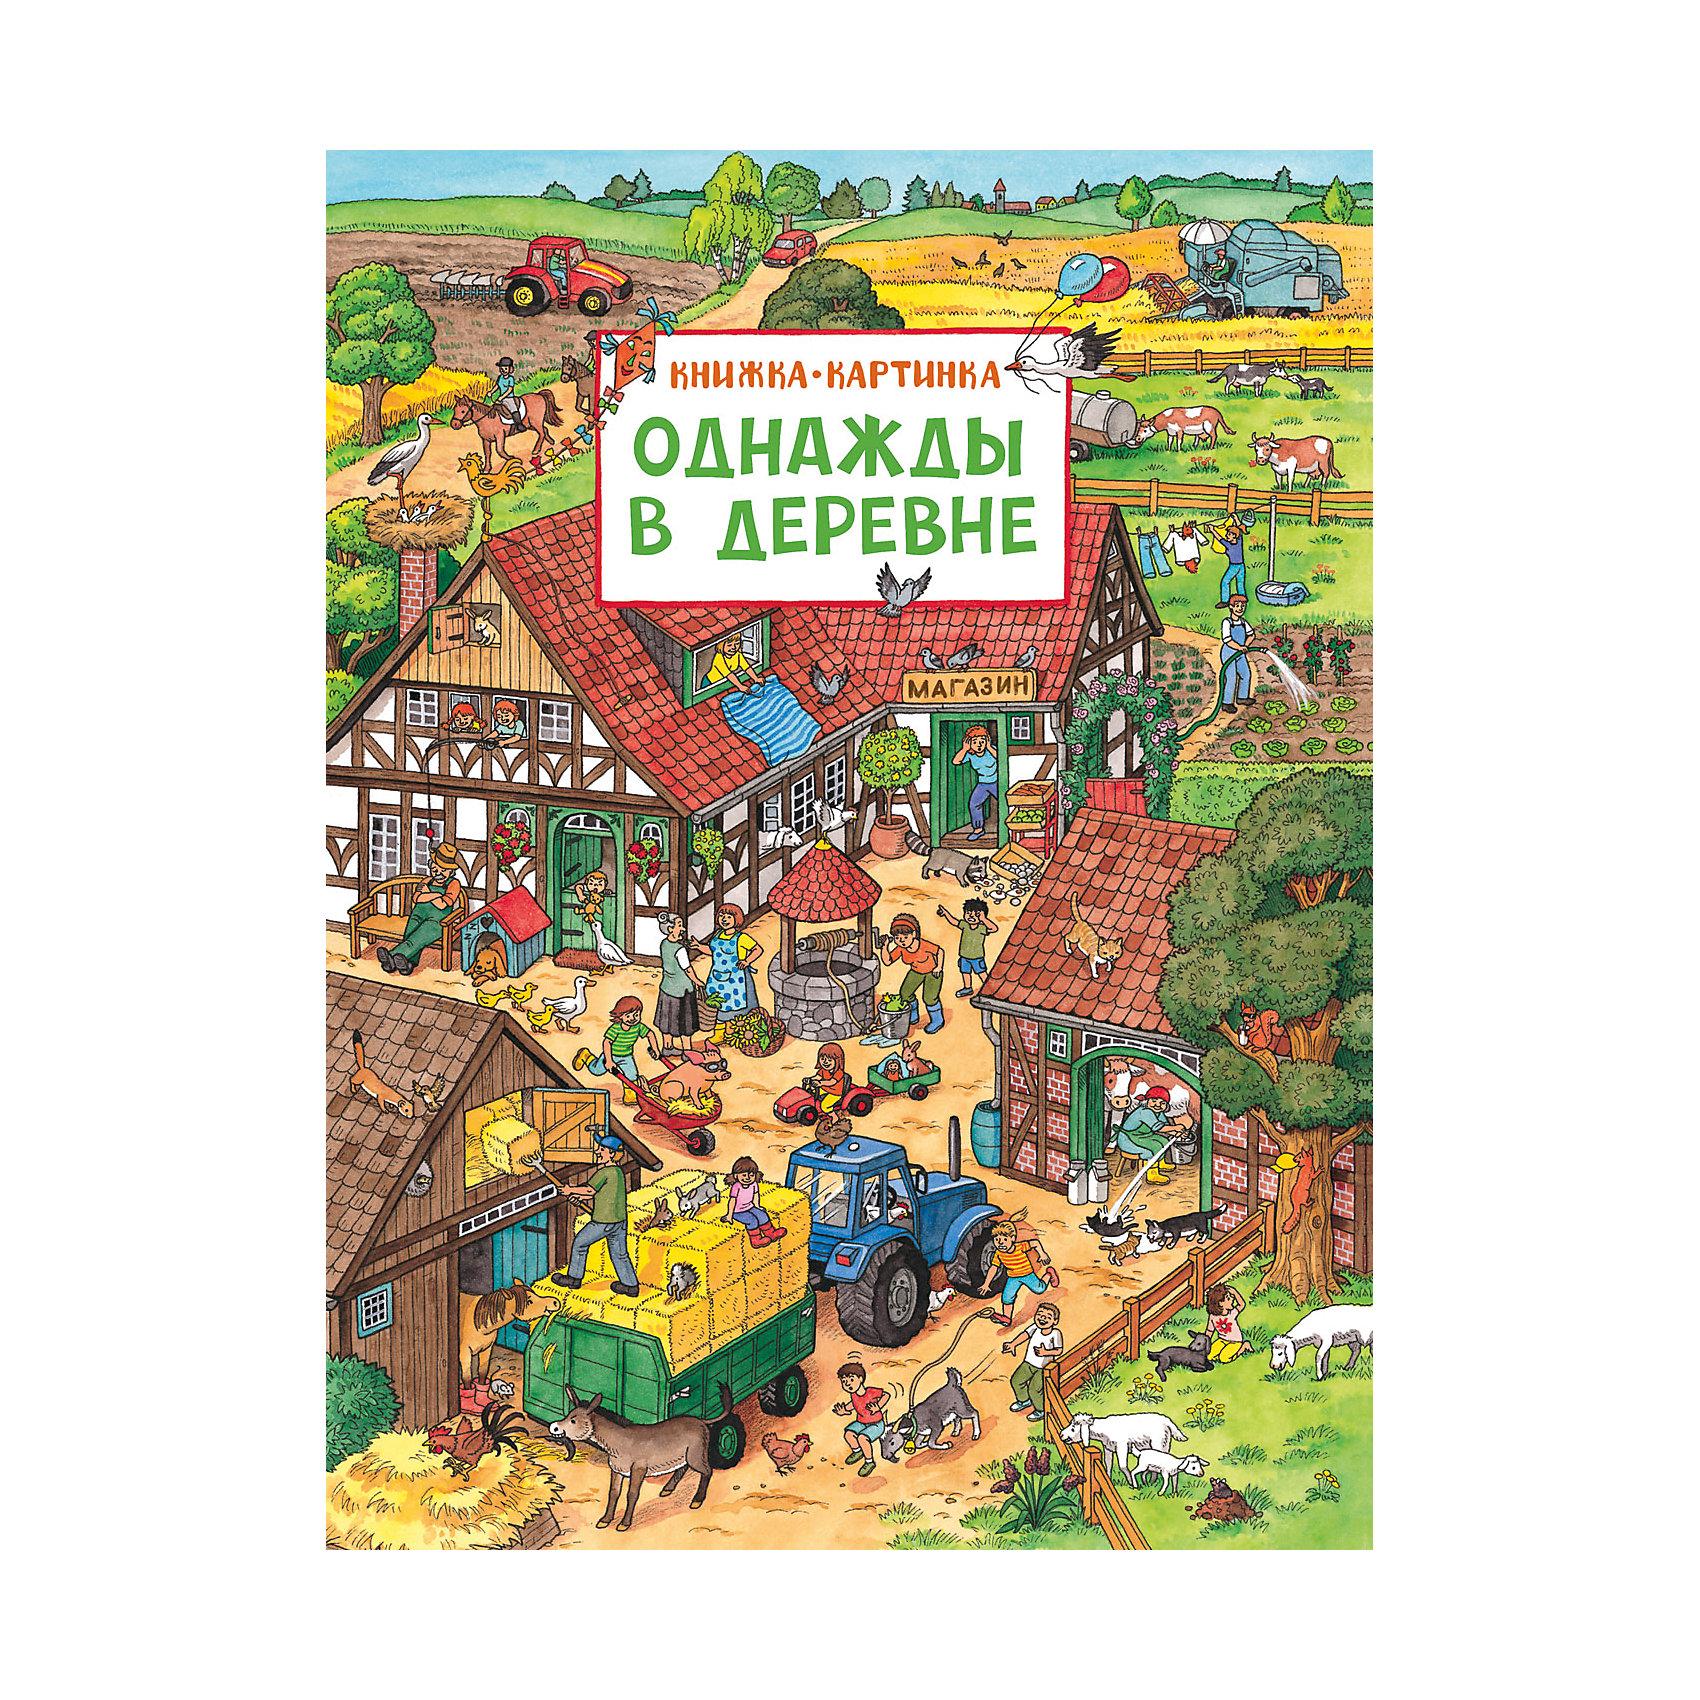 Однажды в деревне (Книжка-картинка)Характеристики товара:<br><br>- цвет: разноцветный;<br>- материал: бумага;<br>- страниц: 14;<br>- формат: 32 x 24 см;<br>- обложка: твердая;<br>- цветные иллюстрации.<br><br>Эта интересная книга с иллюстрациями станет отличным подарком для ребенка. Талантливый иллюстратор дополнил книгу качественными рисунками, которые можно рассматривать бесконечно!<br>Чтение и рассматривание картинок даже в юном возрасте помогает ребенку развивать зрительную память, концентрацию внимания и воображение. Издание произведено из качественных материалов, которые безопасны даже для самых маленьких.<br><br>Книгу Однажды в деревне (Книжка-картинка) от компании Росмэн можно купить в нашем интернет-магазине.<br><br>Ширина мм: 315<br>Глубина мм: 235<br>Высота мм: 10<br>Вес г: 375<br>Возраст от месяцев: 0<br>Возраст до месяцев: 36<br>Пол: Унисекс<br>Возраст: Детский<br>SKU: 5110052